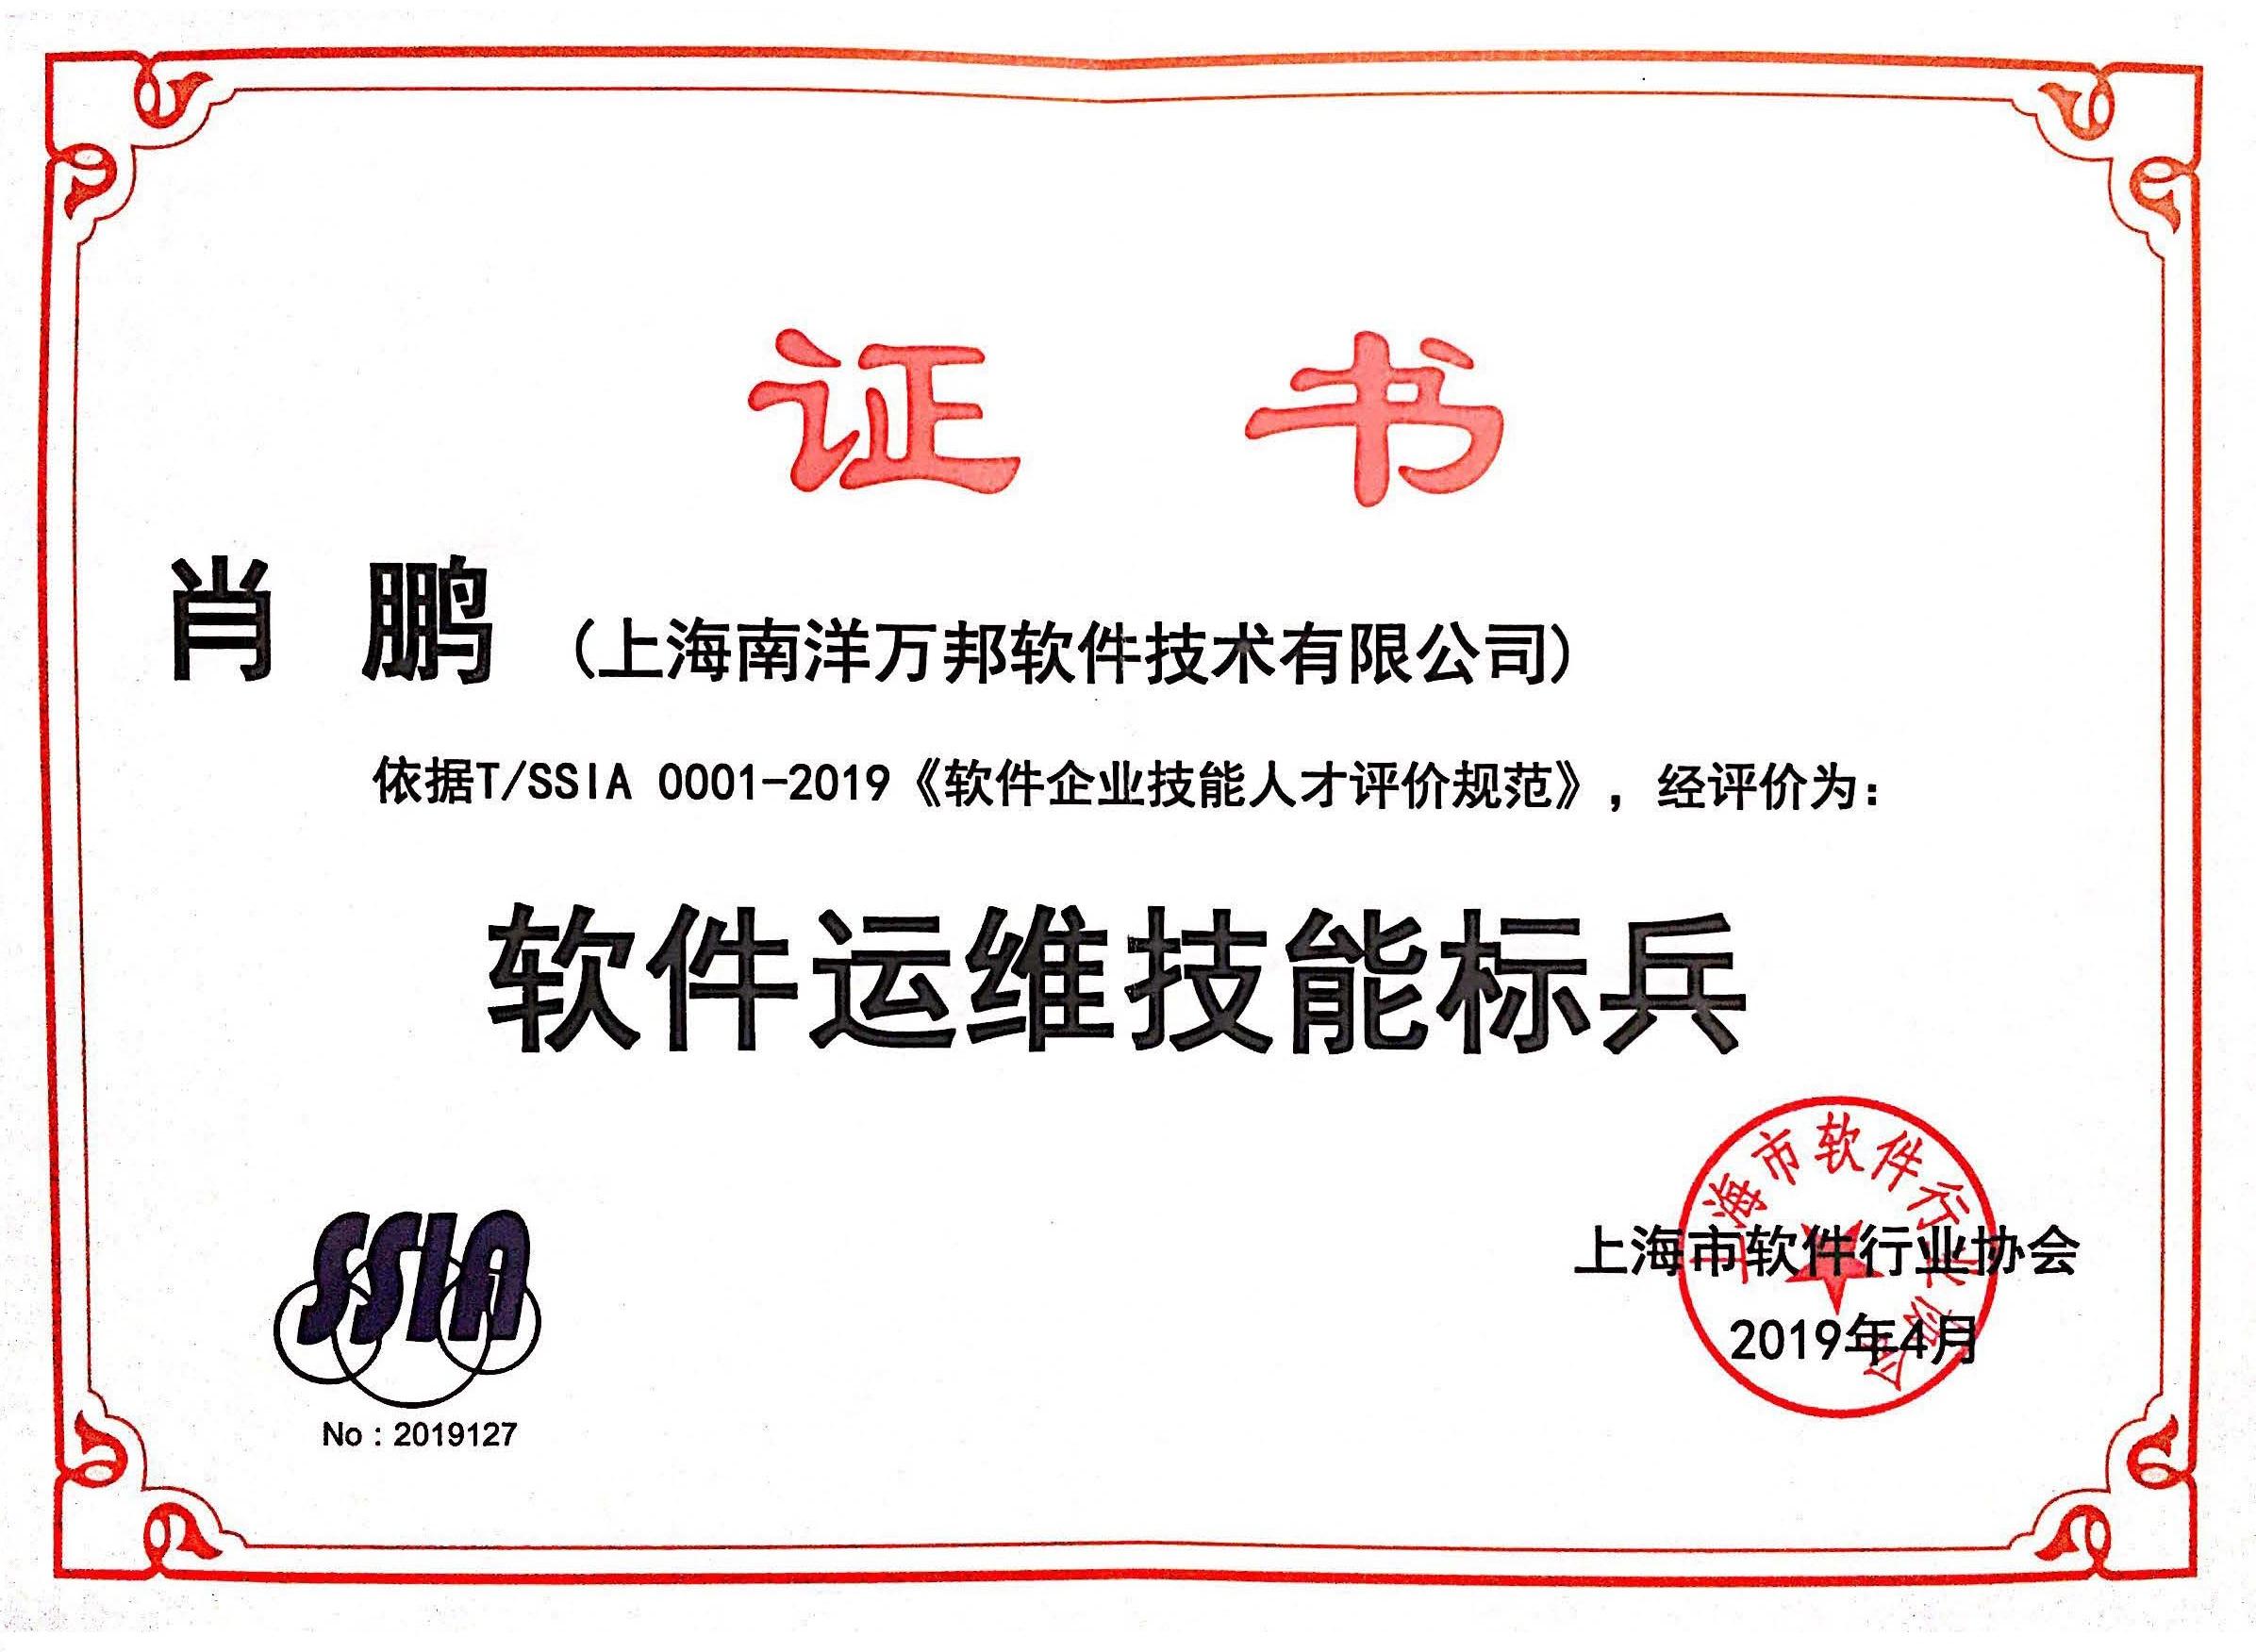 肖鹏——软件运维技能标兵证书